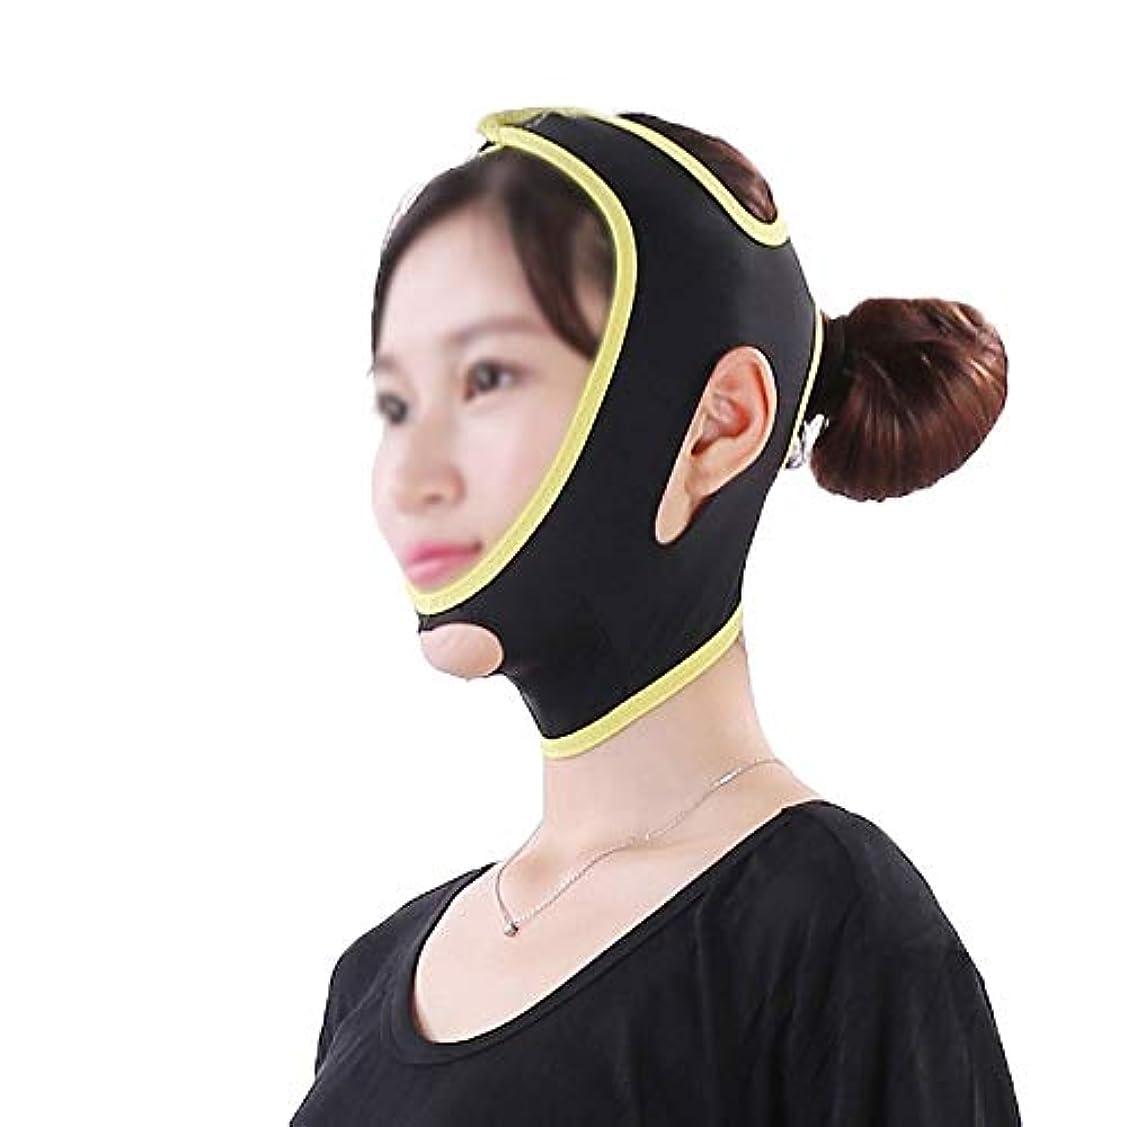 マットまどろみのあるねばねばフェイス&ネックリフト、フェイスリフトマスク強力なフェイスマスクフェイスリフトアーチファクトフェイスリフティングフェイスリフティングツールフェイスリフティング包帯薄いフェイスマスク美容マスク (Size : L)